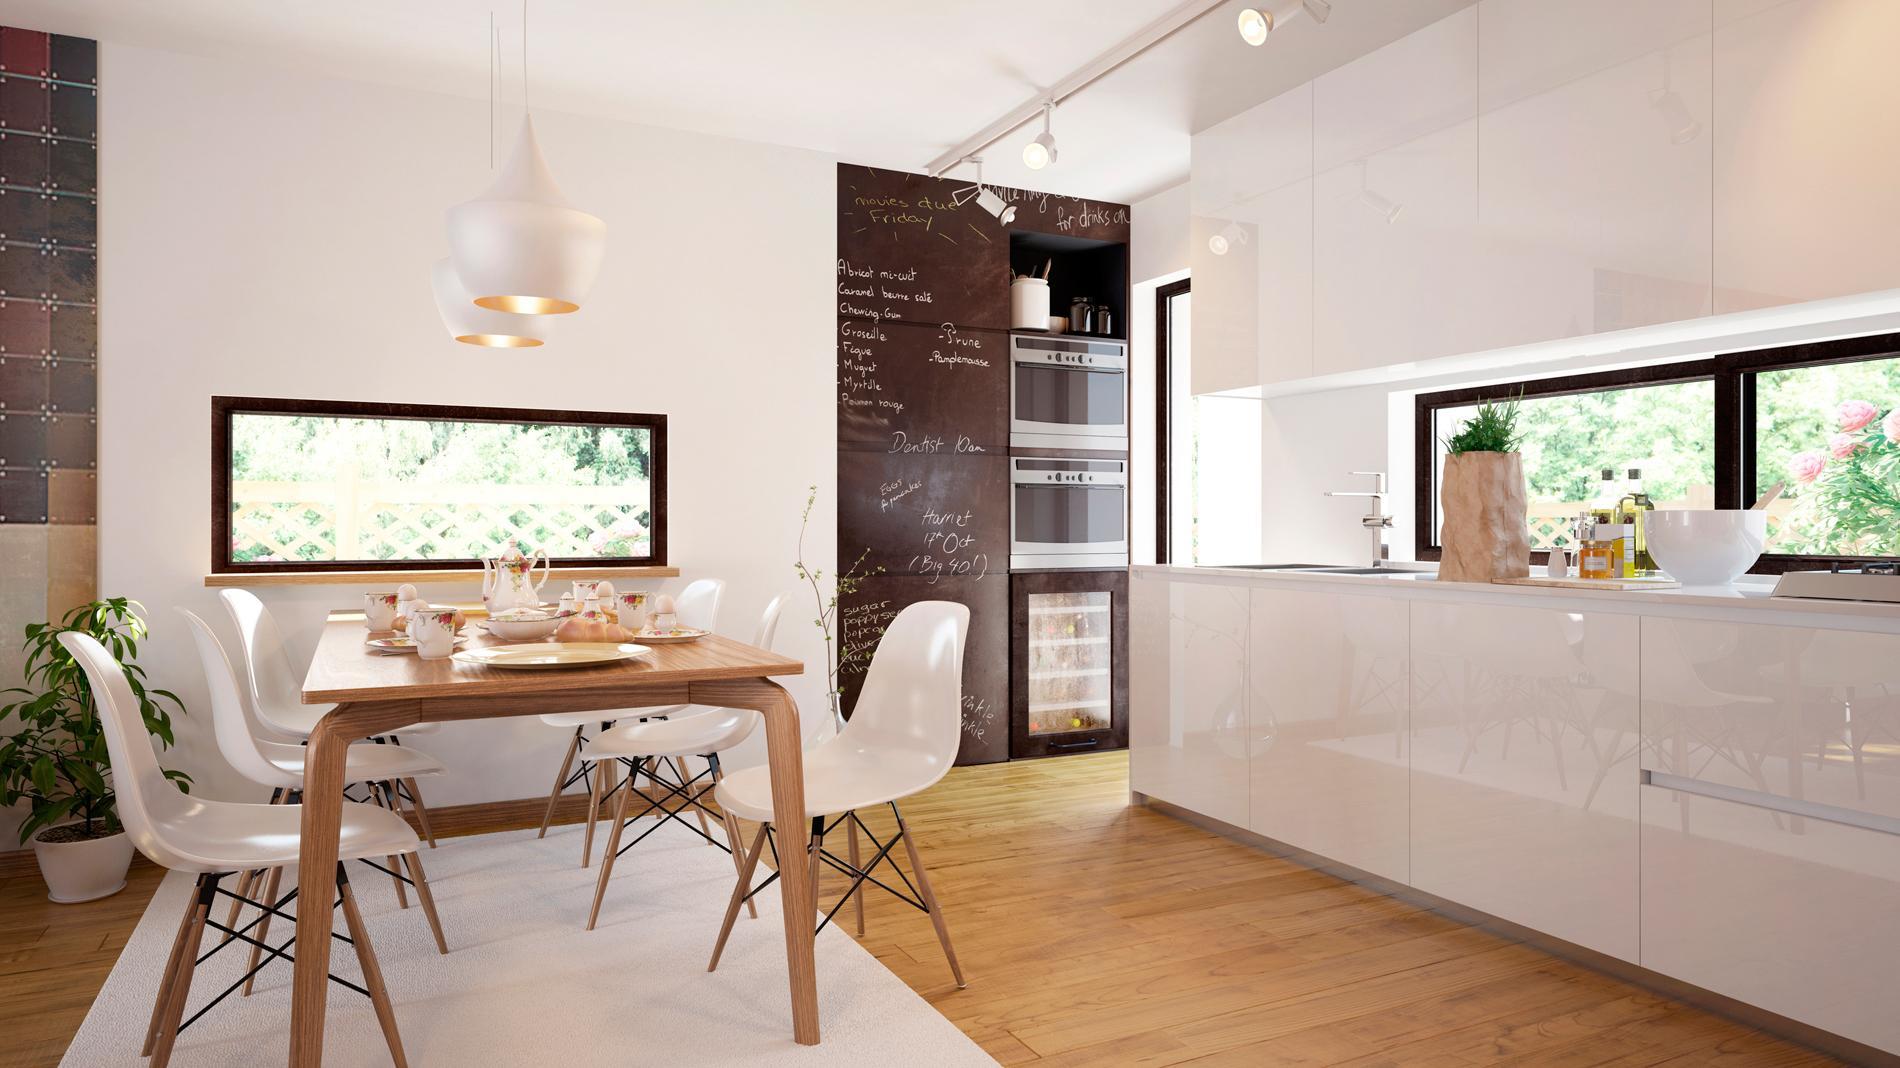 douche l italienne carreaux de ciment ardoise les. Black Bedroom Furniture Sets. Home Design Ideas